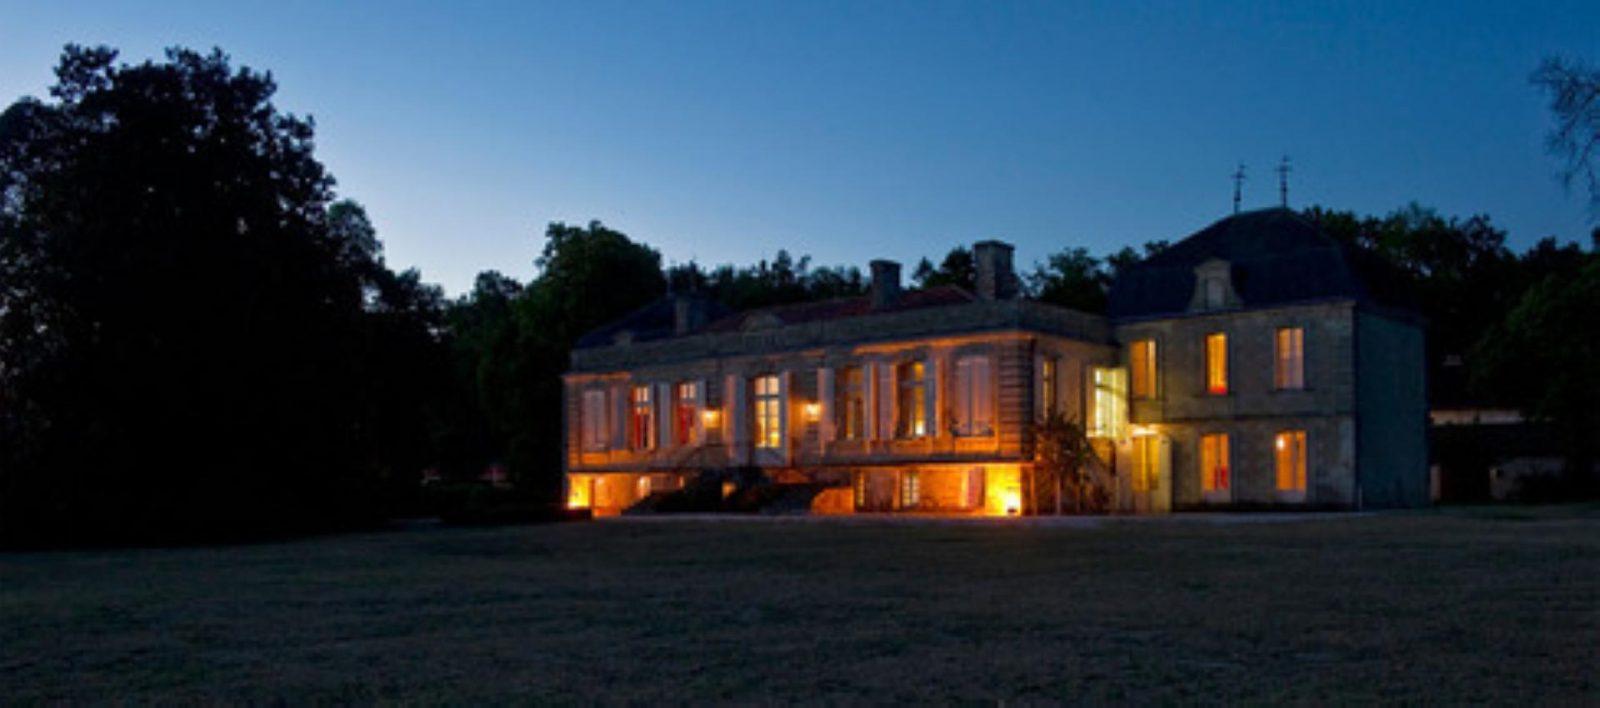 Château Picque Caillou de nuit